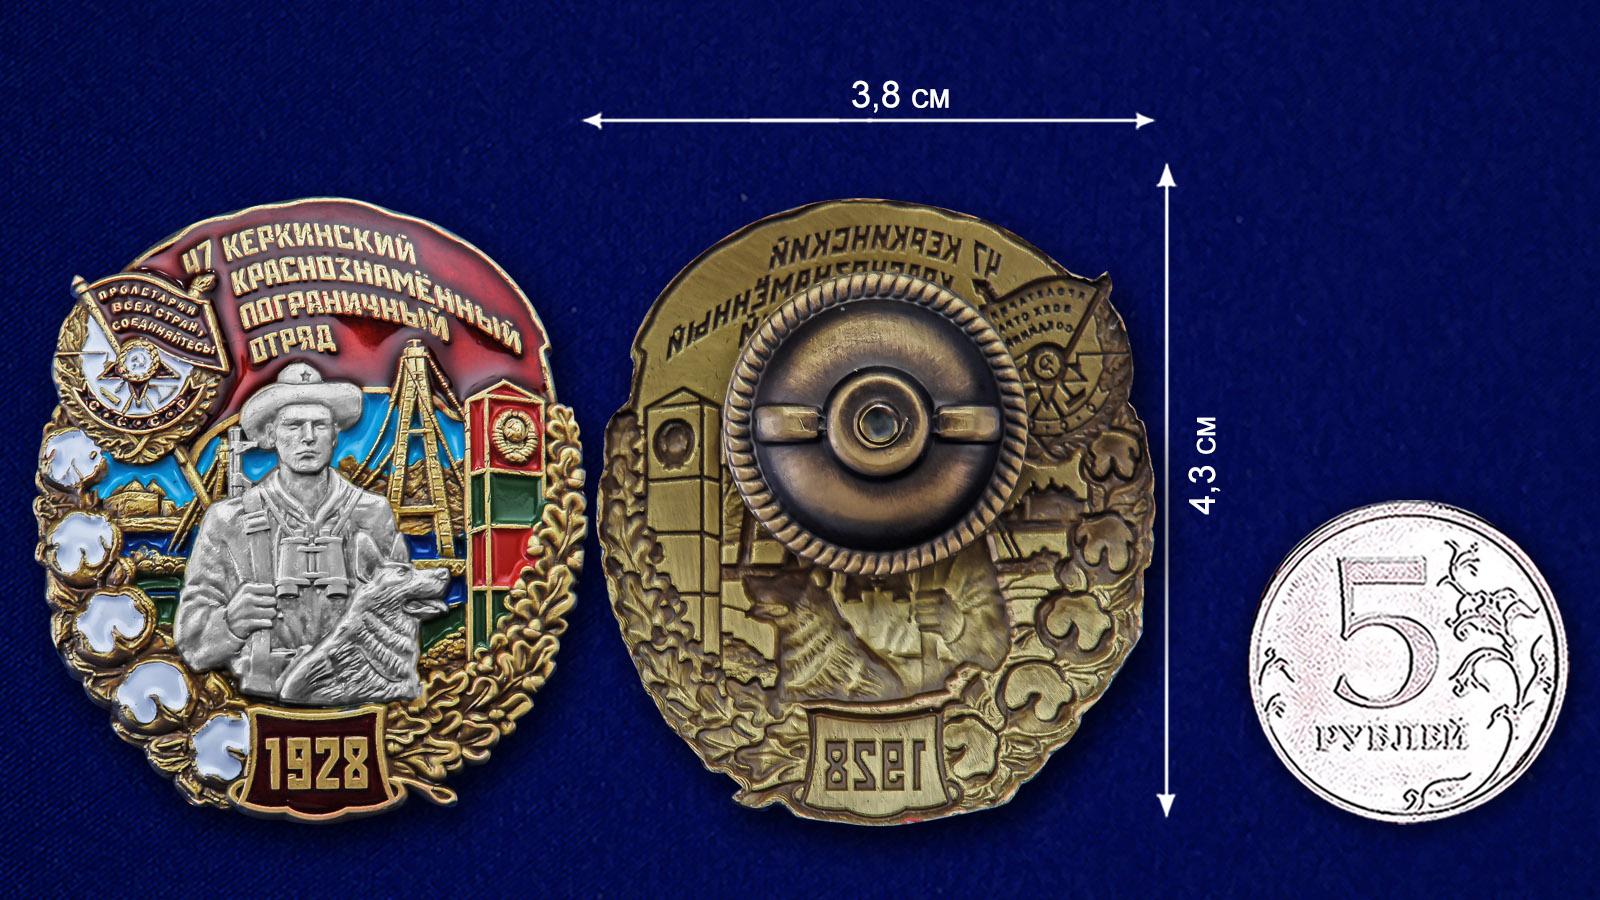 Знак 47 Керкинский Краснознамённый пограничный отряд - сравнительный размер